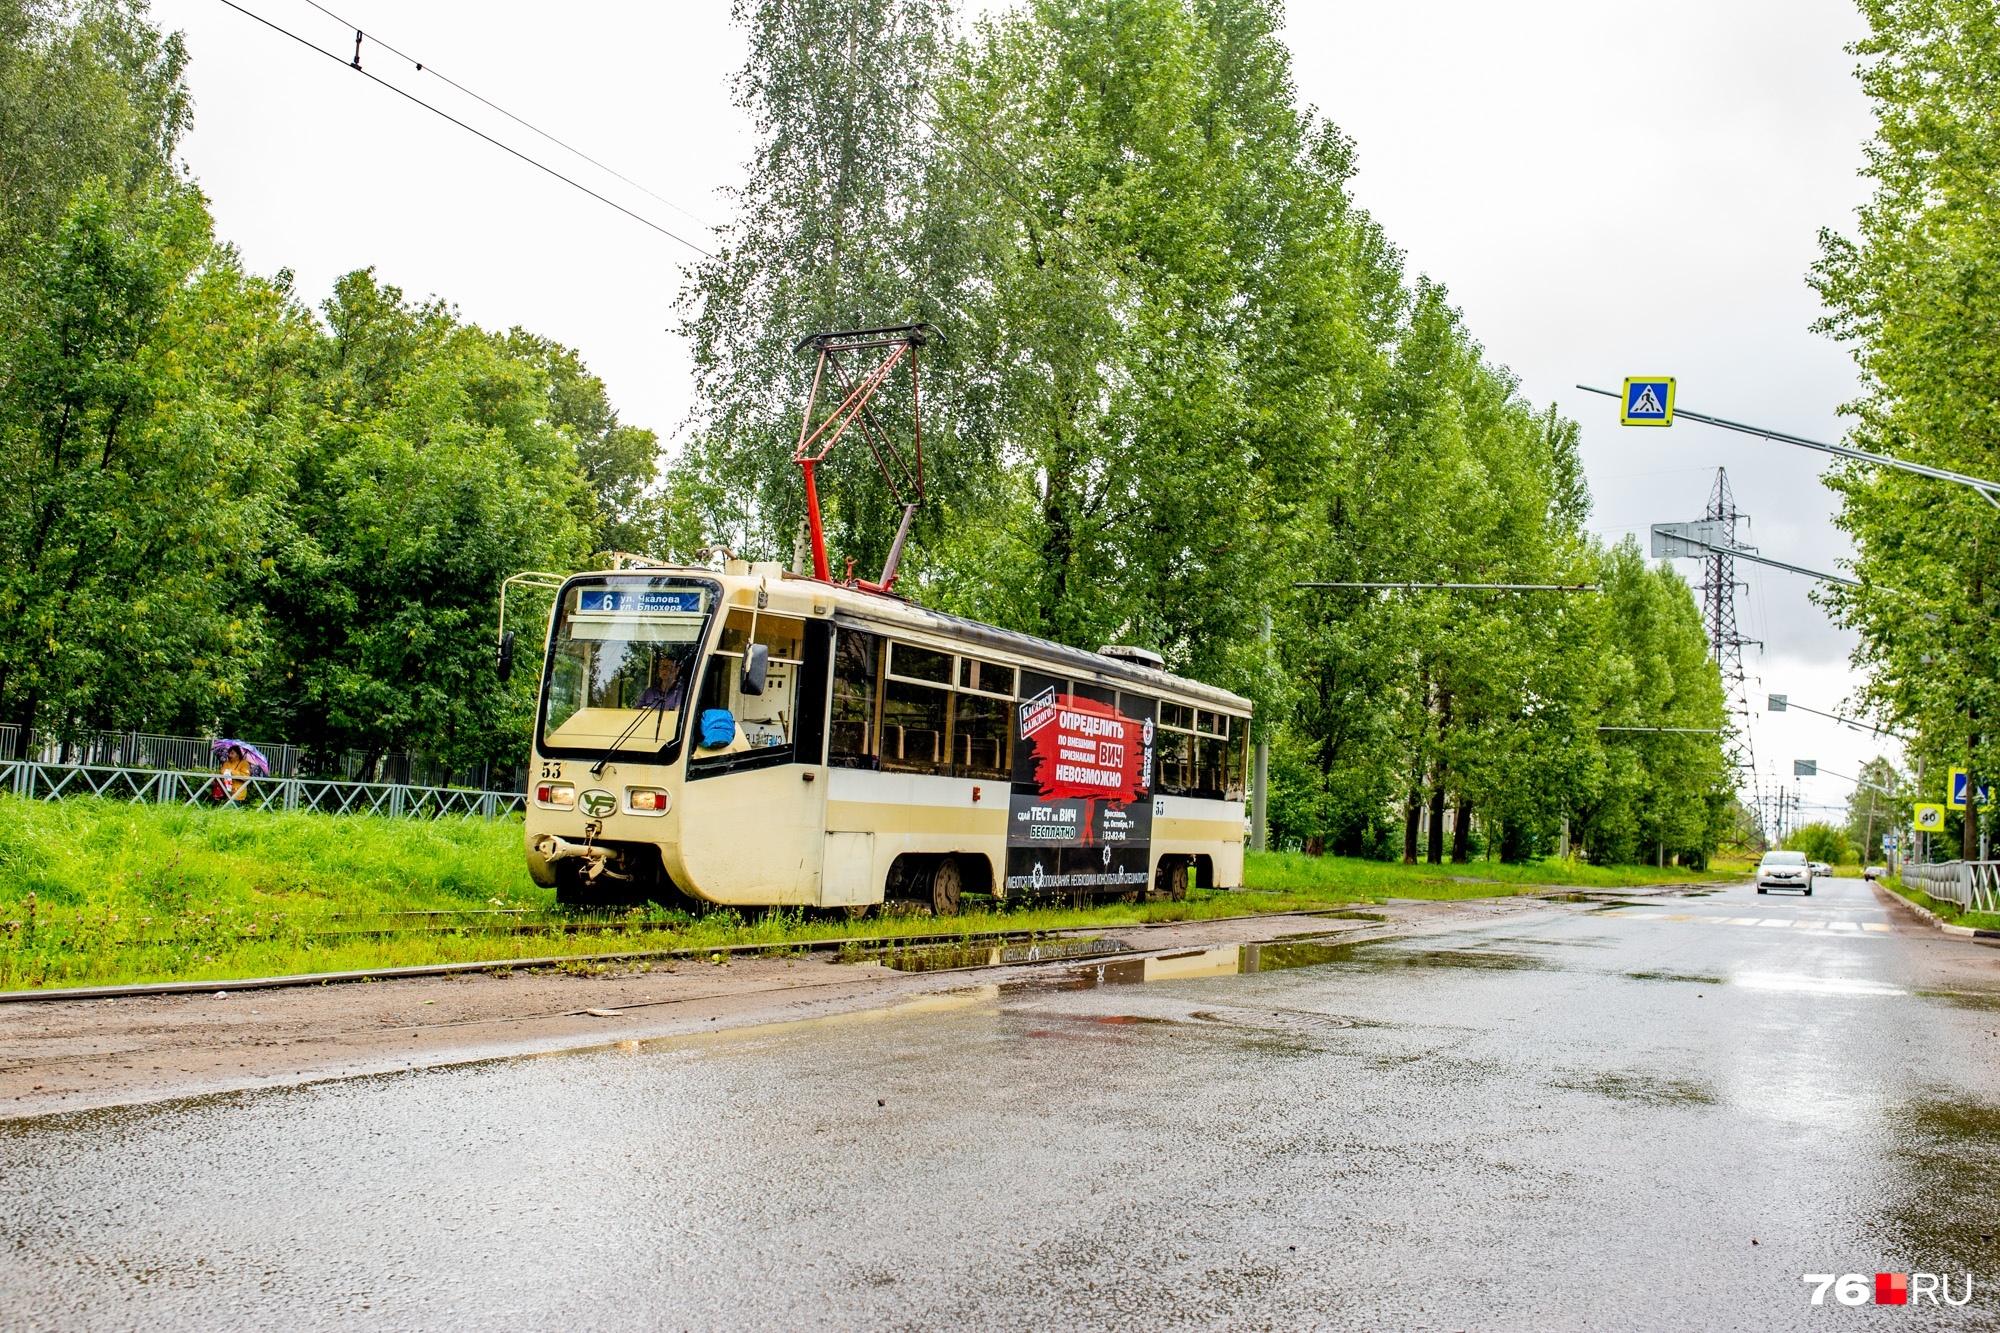 Идею продлить трамвайный маршрут № 6 обсуждают в Ярославле уже несколько лет